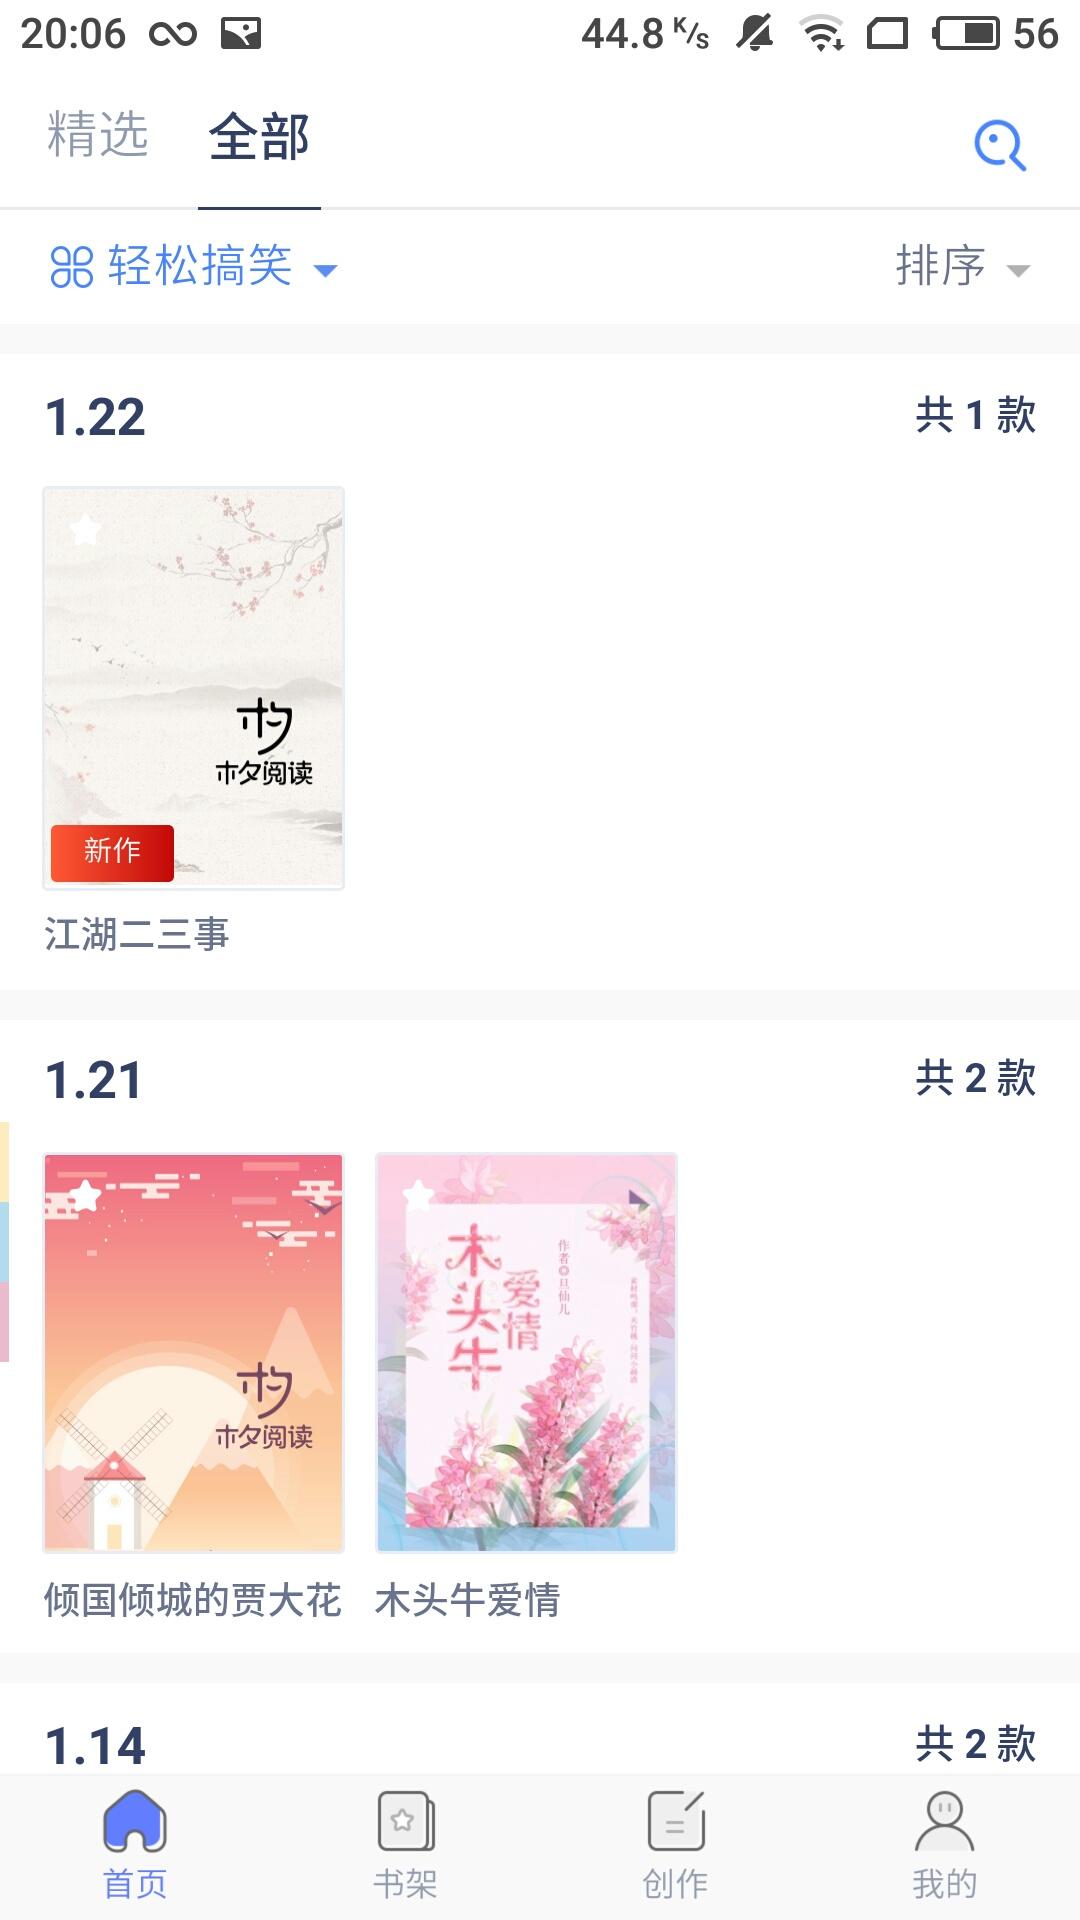 木夕阅读 v1.0截图